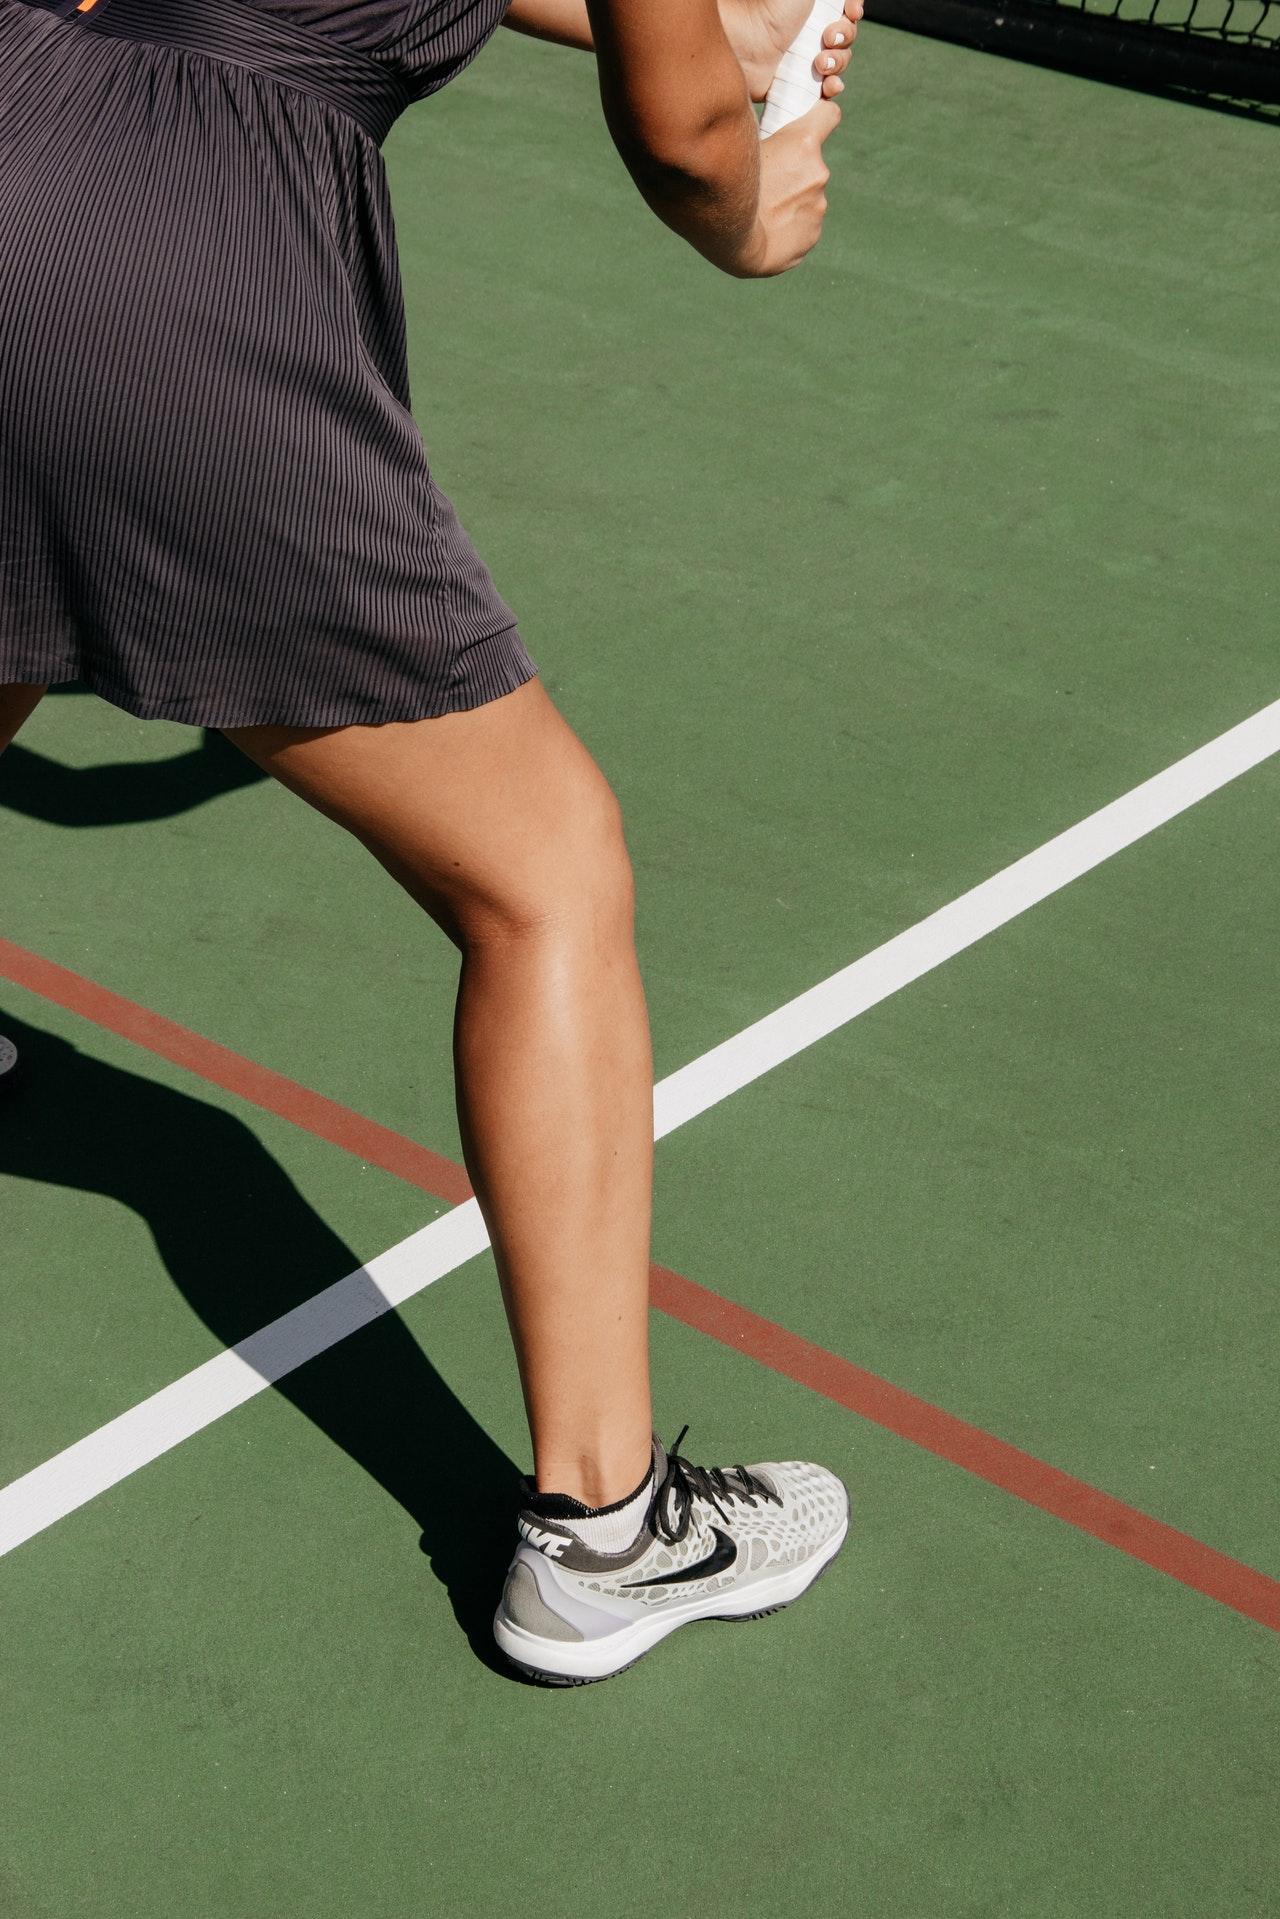 La cheville travaille beaucoup au tennis